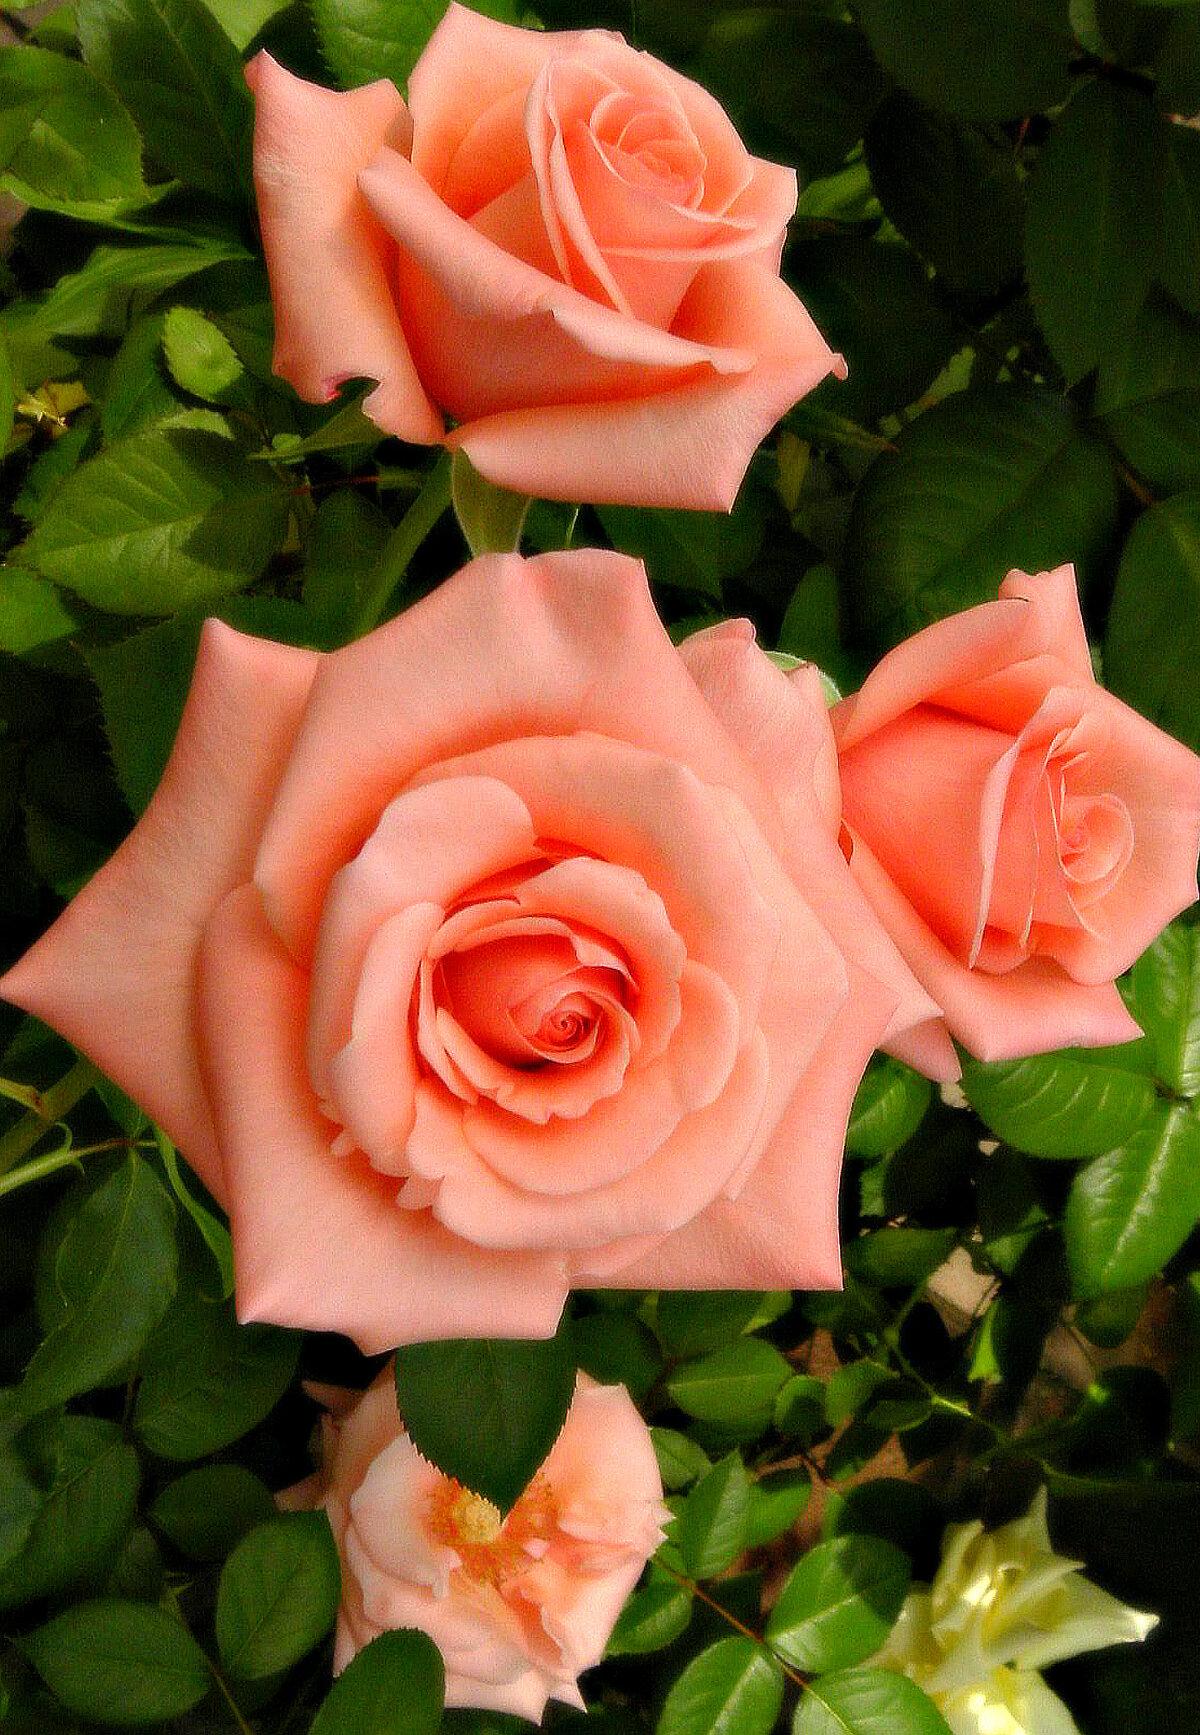 Поиск картинки с розами